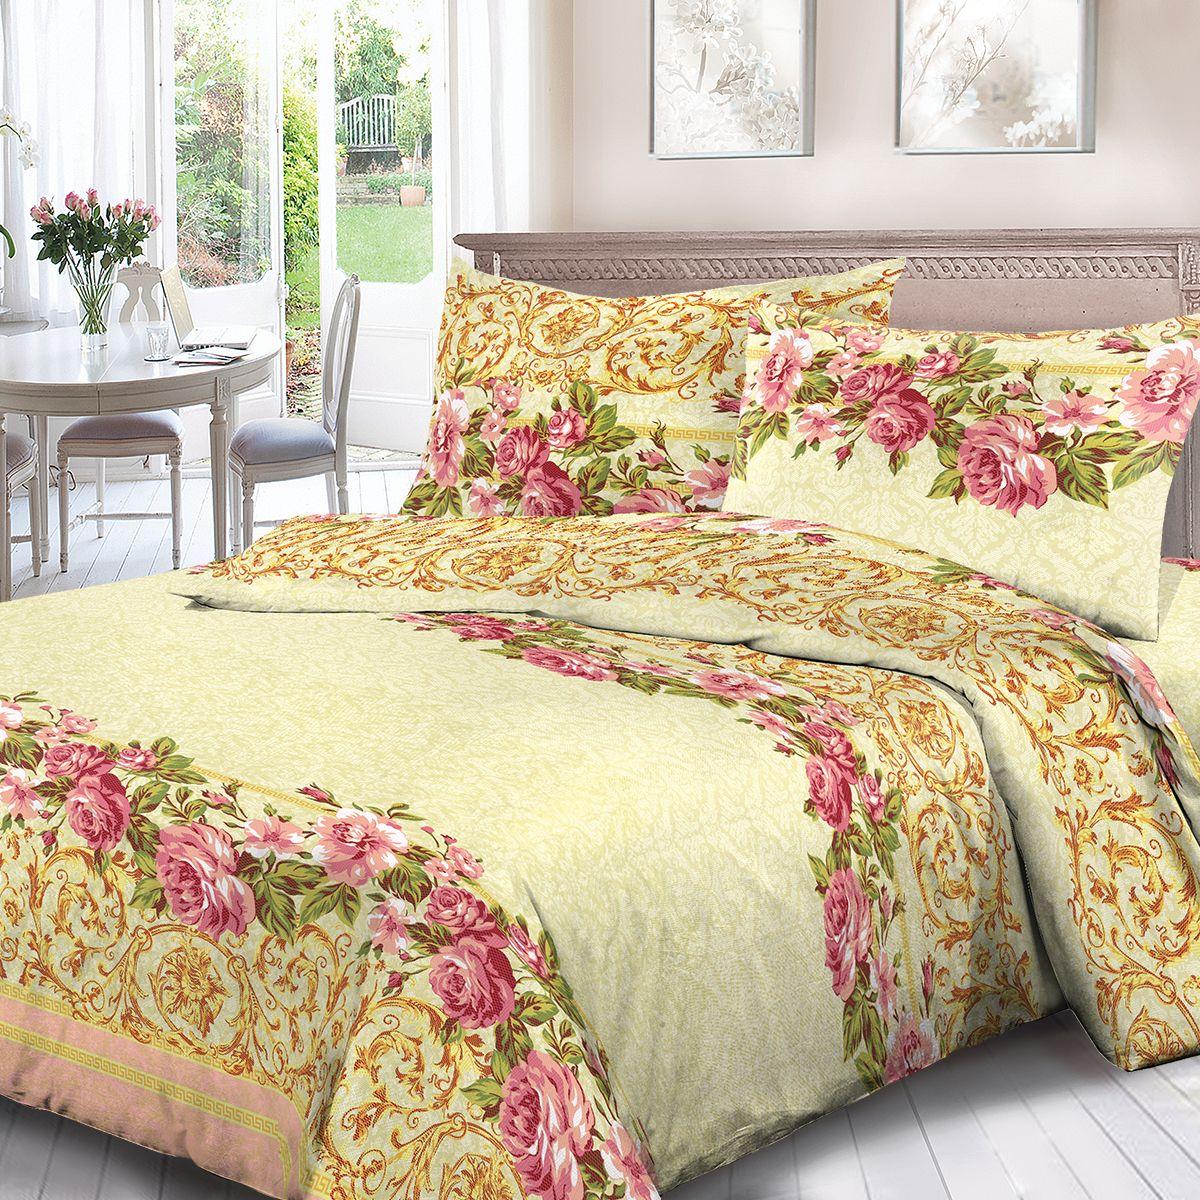 Комплект белья Для Снов Мэрлин, 2-х спальное, наволочки 70x70, цвет: желтый. 1721-186453